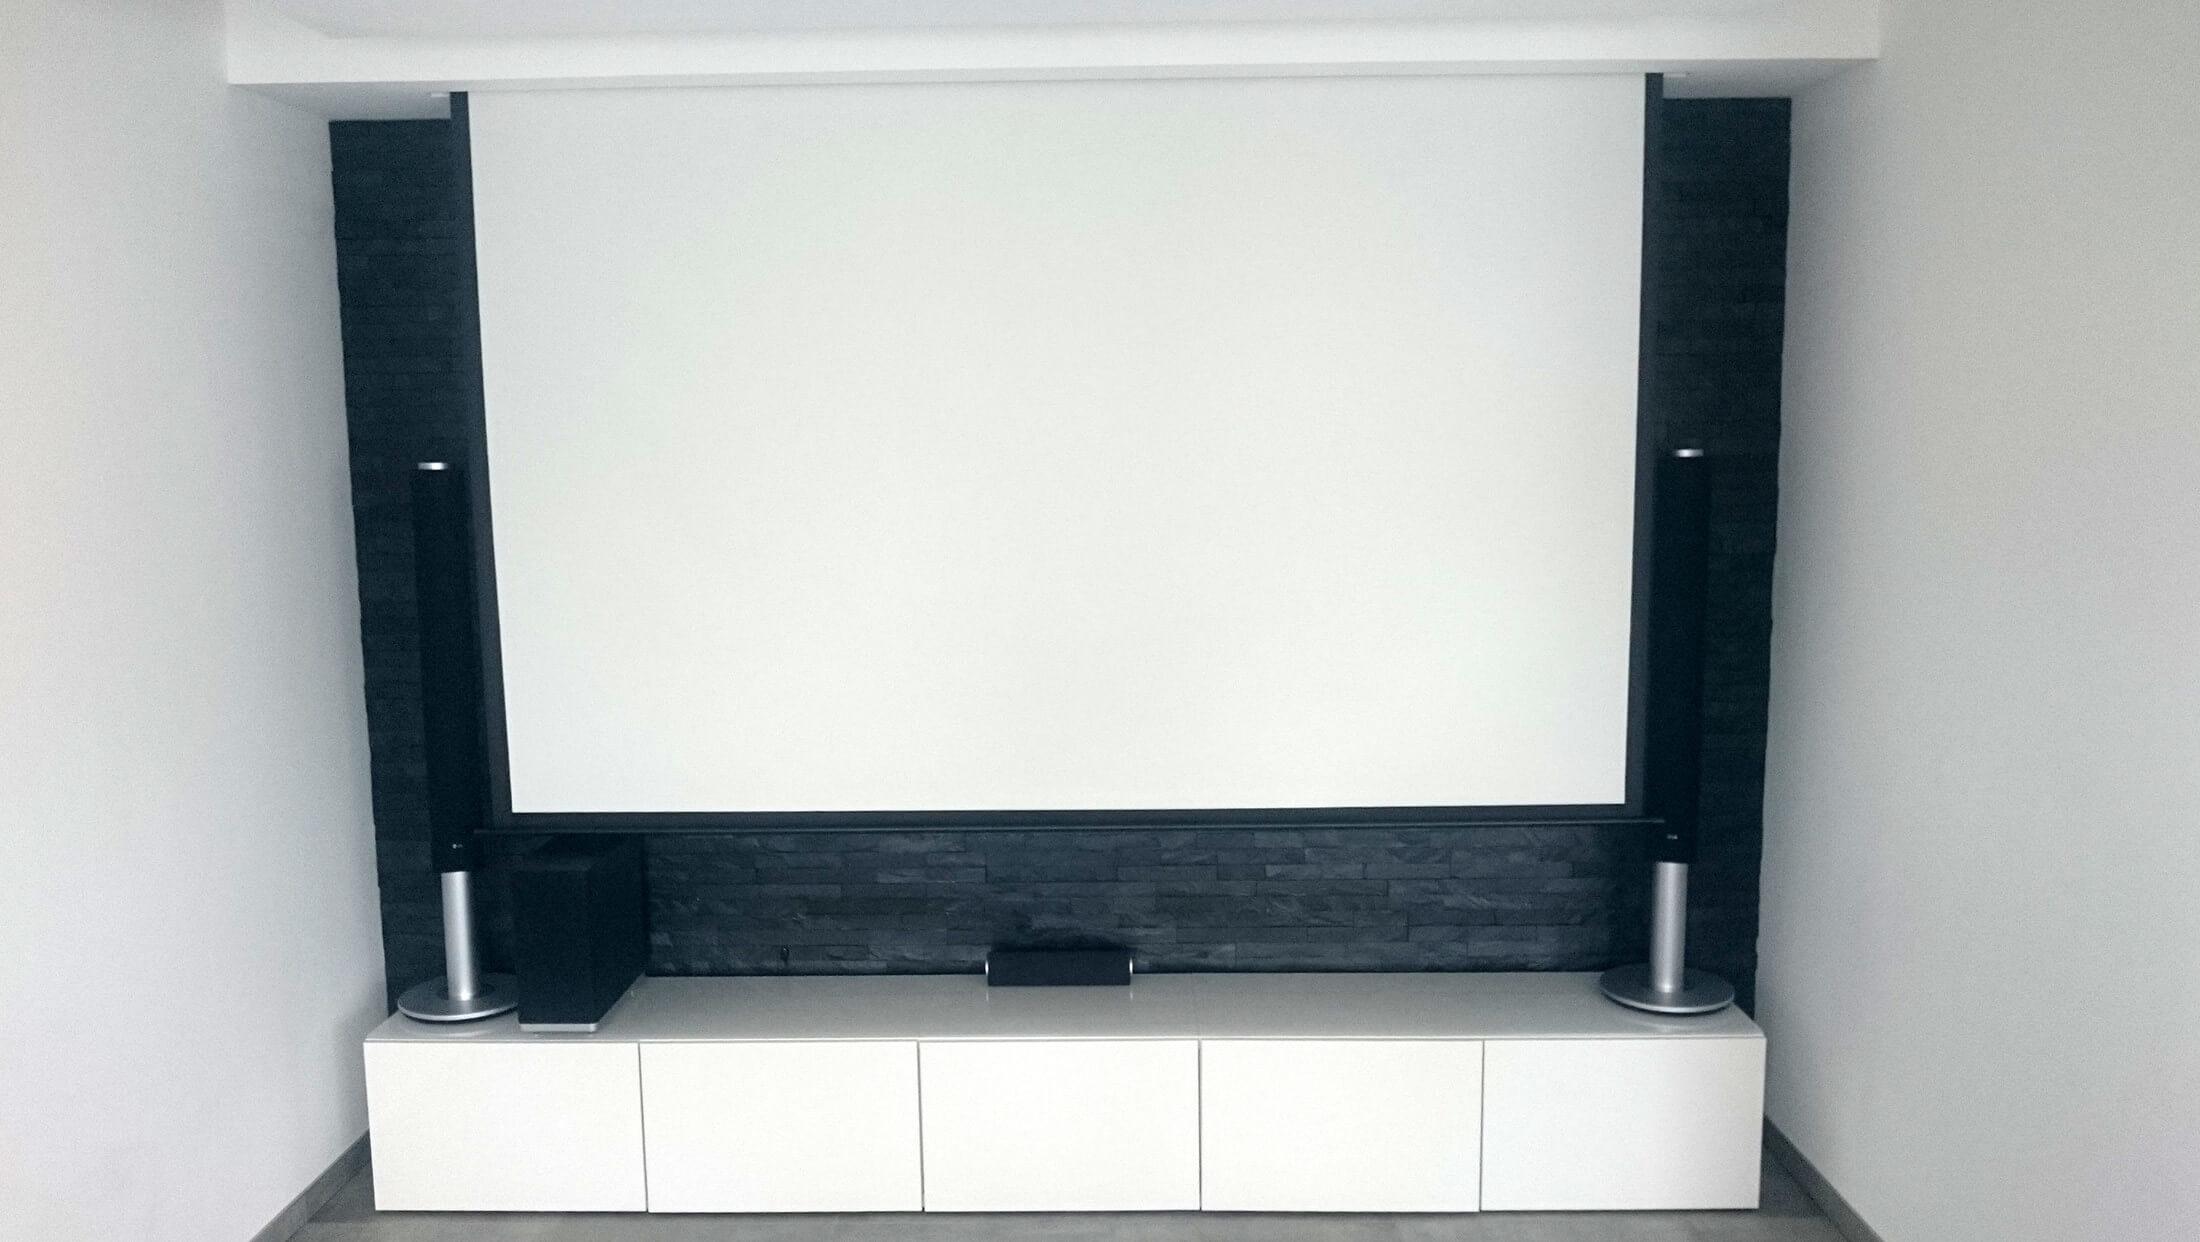 Multimedia Wohnzimmer Mit Beamer Leinwand